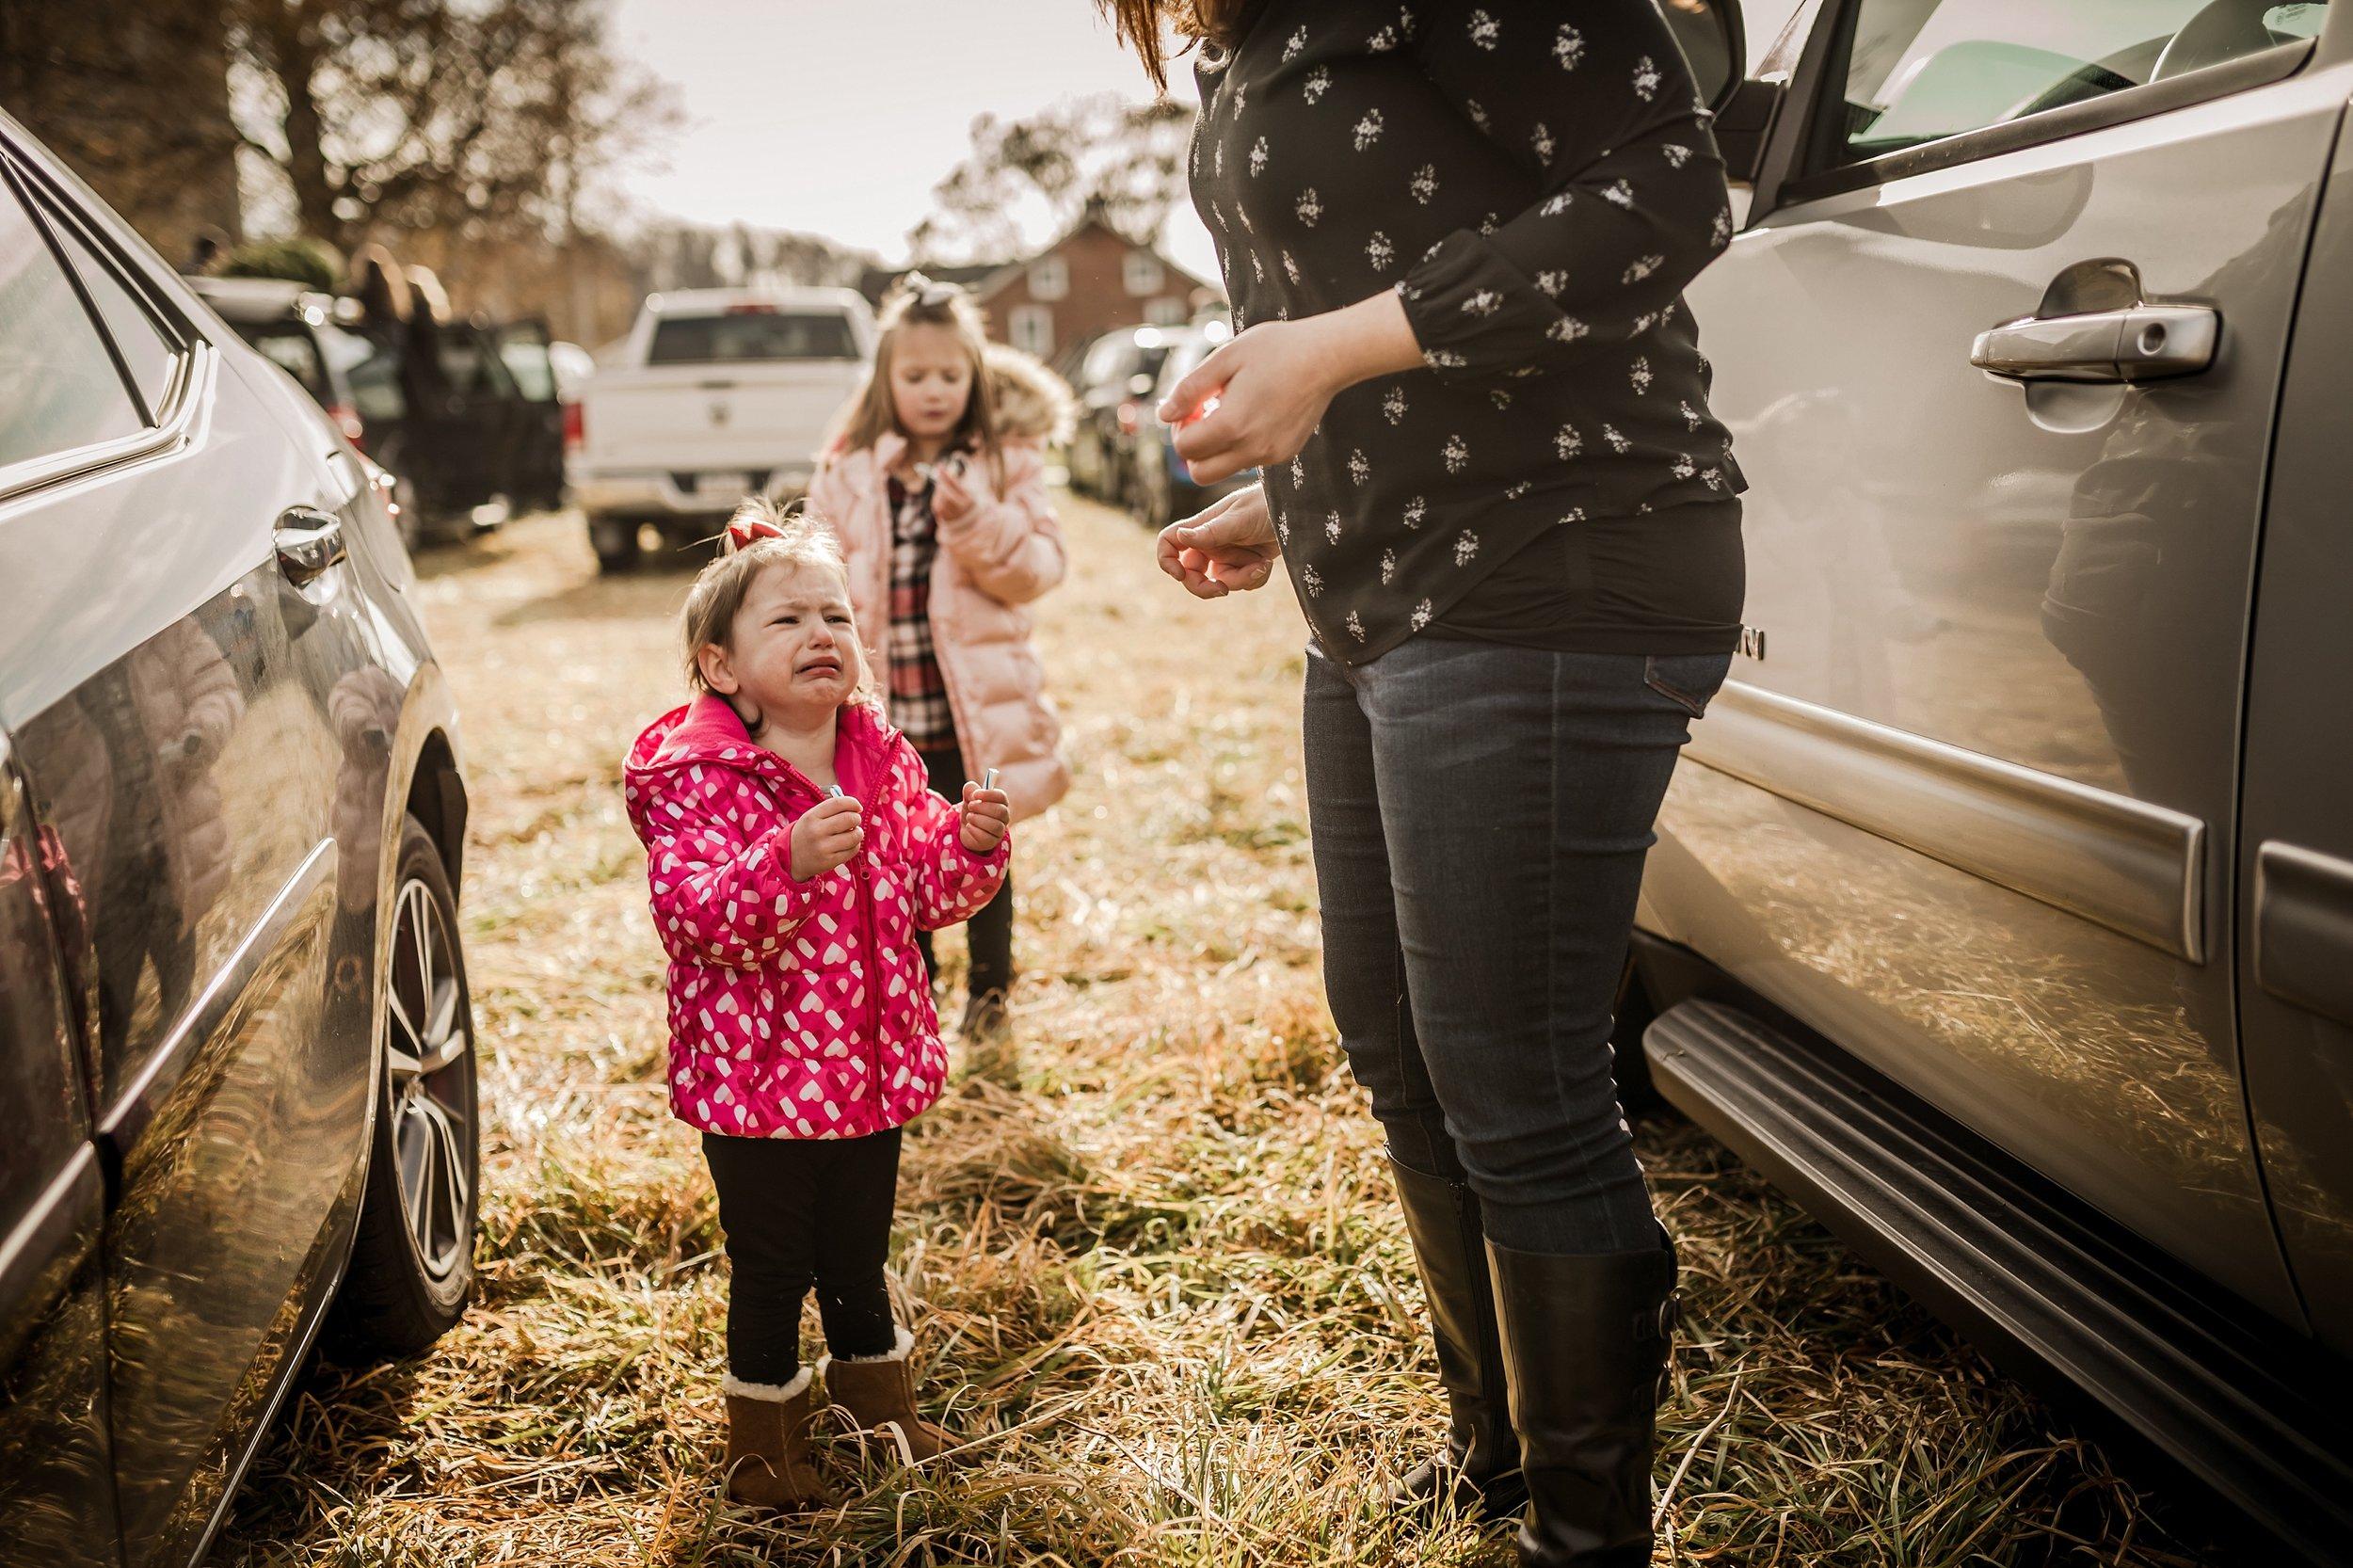 Lehigh-Valley-Documentary-Family-Photographer_0085.jpg